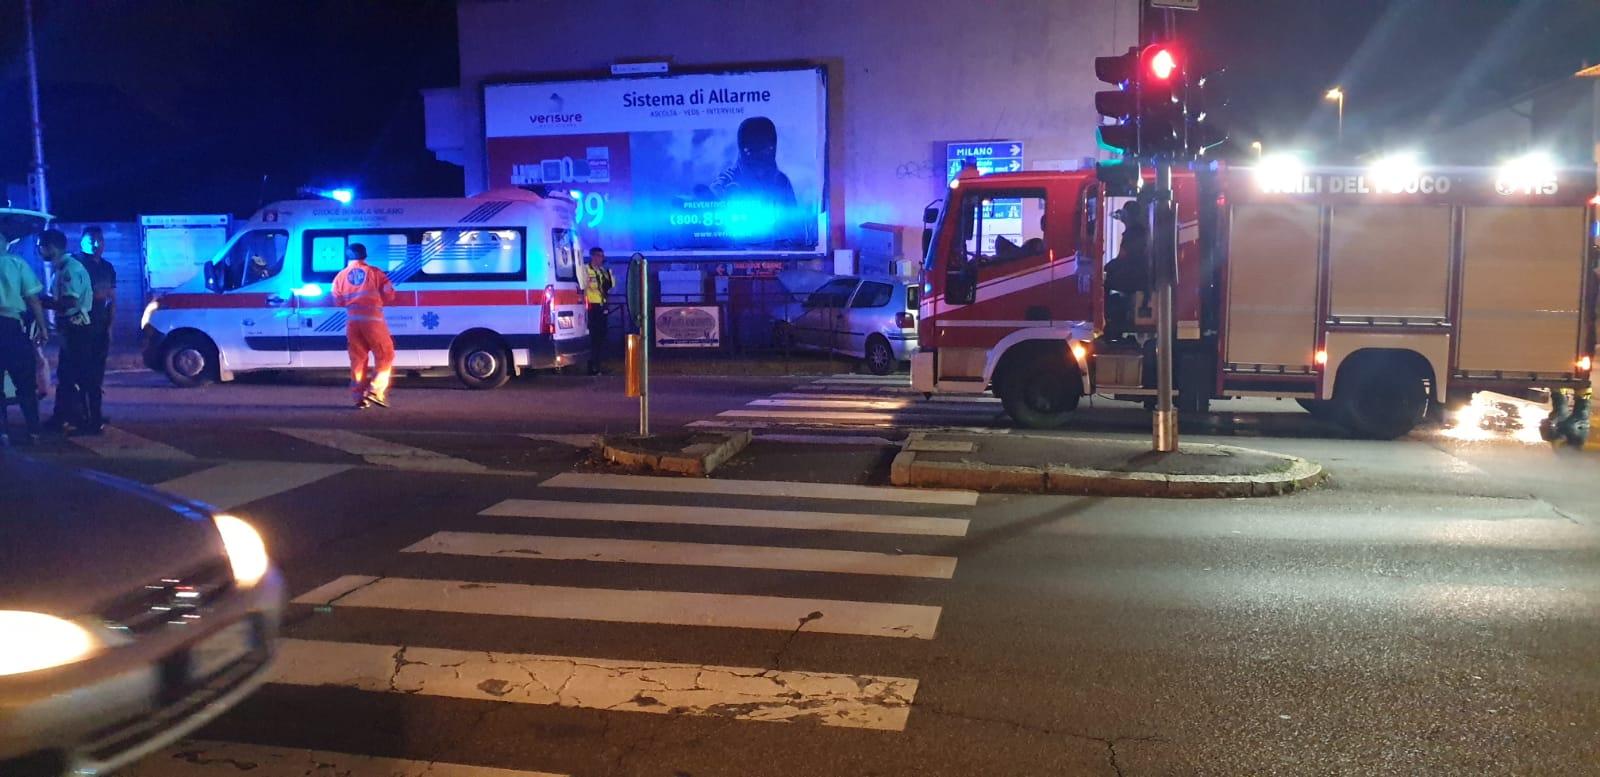 Lo scontro è avvenuto poco dopo la mezzanotte all'incrocio con via Borgazzi a Monza.